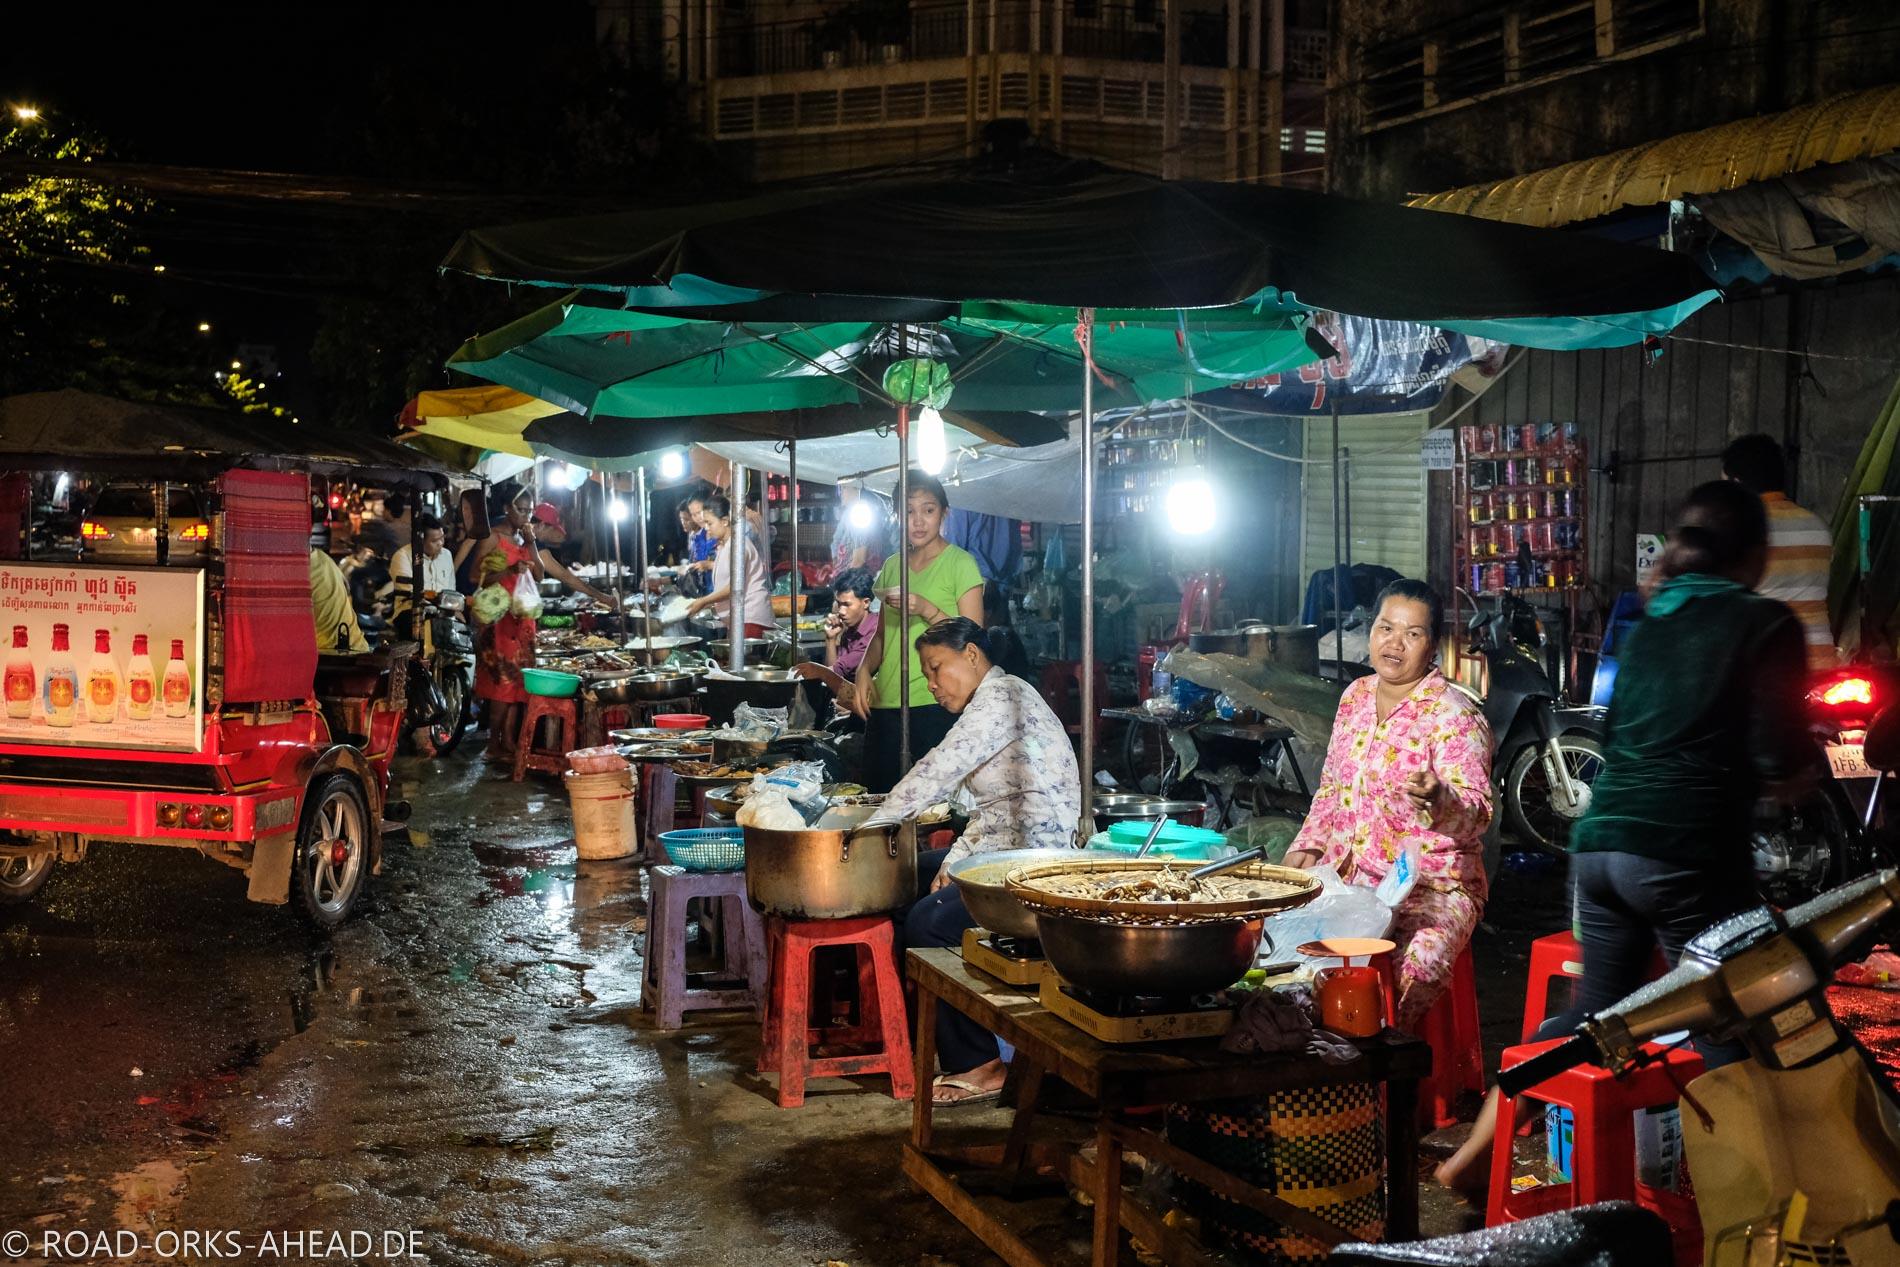 Der Straßenmarkt macht keine Pause